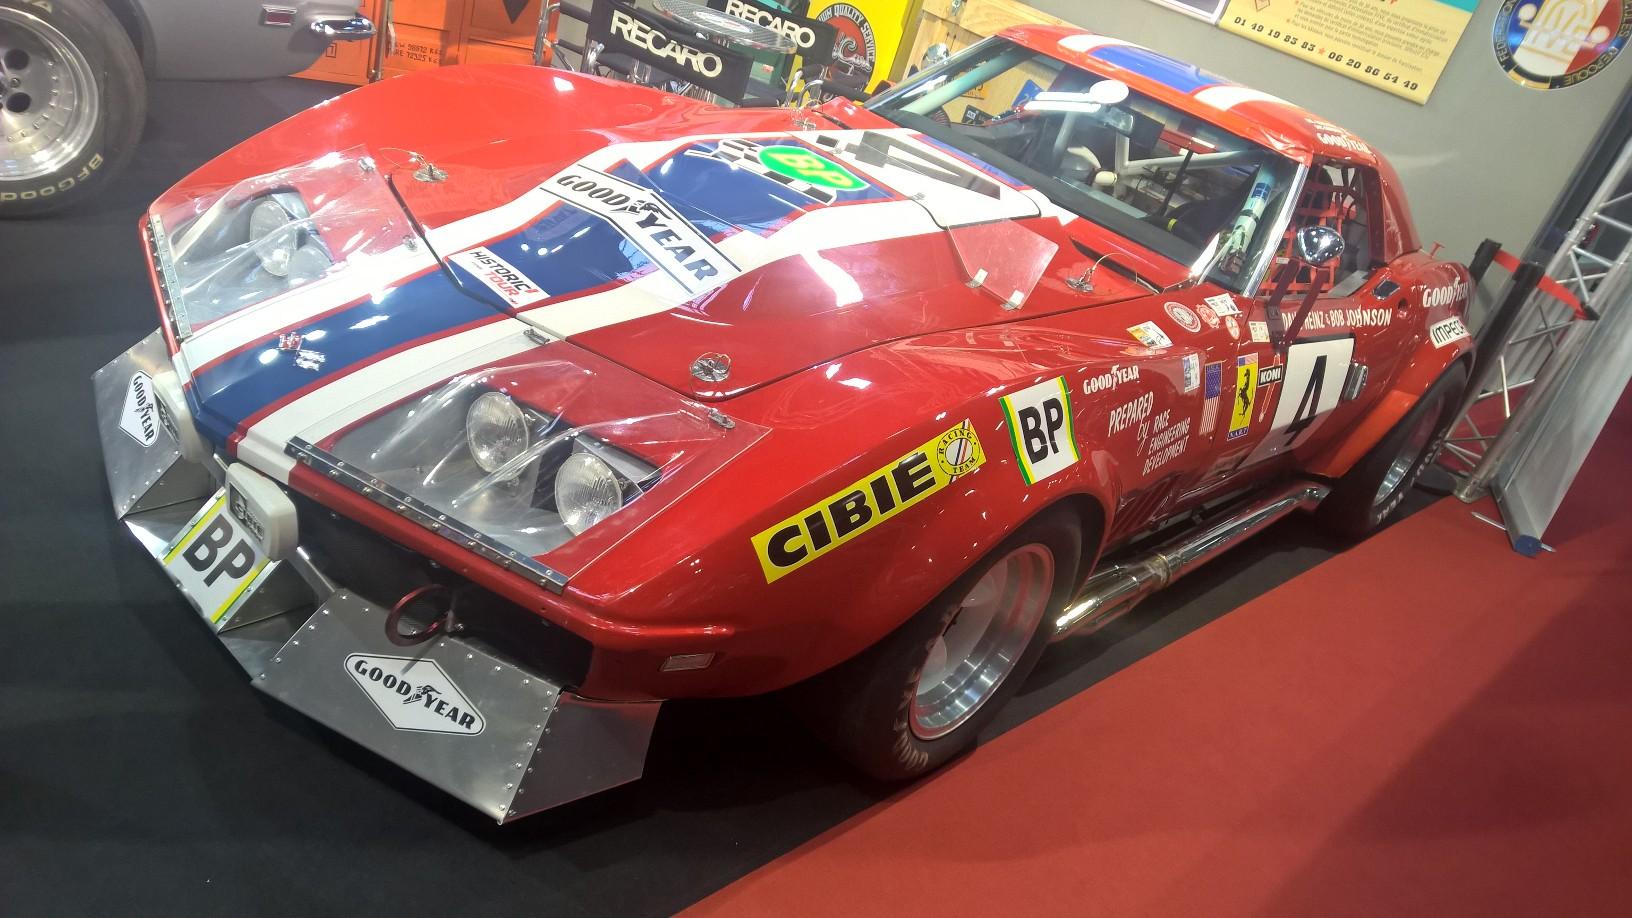 24-timers løpet på Le Mans er verdens kanskje mest berømte billøp, og opp gjennom årene har det rullet mye gromt fra USA i løpet. En av de tøffeste i så måte er denne Corvetten som NART-teamet (i bunn og grunn et Ferrari-team, derav Ferrari-logoen på sidene) stilte med i 1972. De klarte en femtendeplass sammenlagt med den nydelige ZL1-utrustede Corvetten. Dette er denne bilen, dessverre uten ZL-1 motoren, men med en annen 427-motor i stedet.